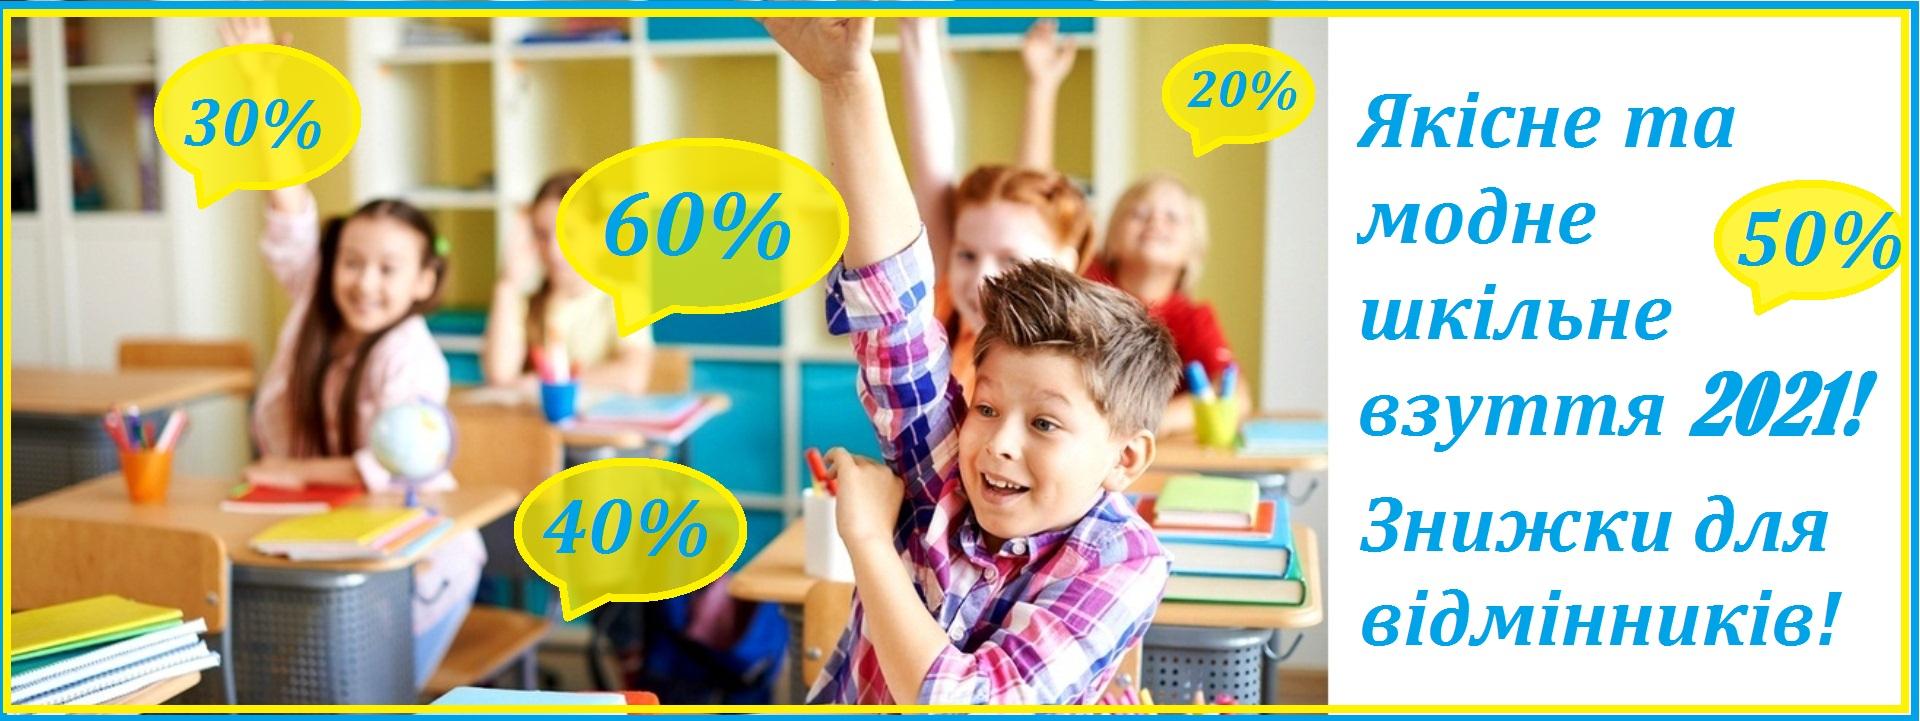 1 Вересня - нова колекція шкільного взуття зі знижками - 20% 30% 40% 50% 60% 70%